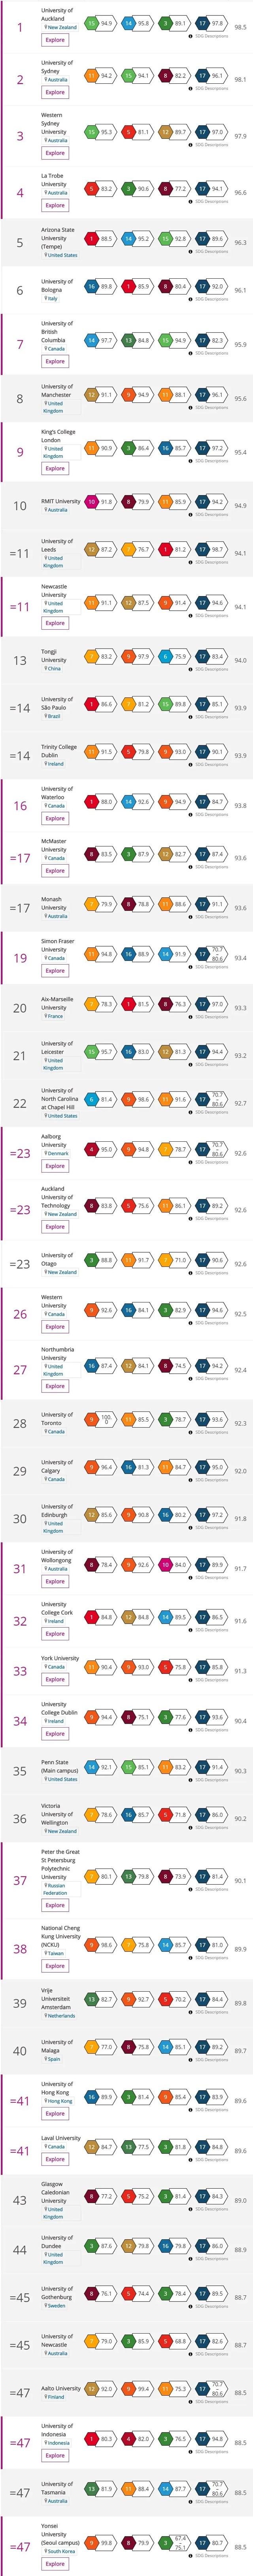 泰晤士高等教育影响力排名Top50榜单.jpg